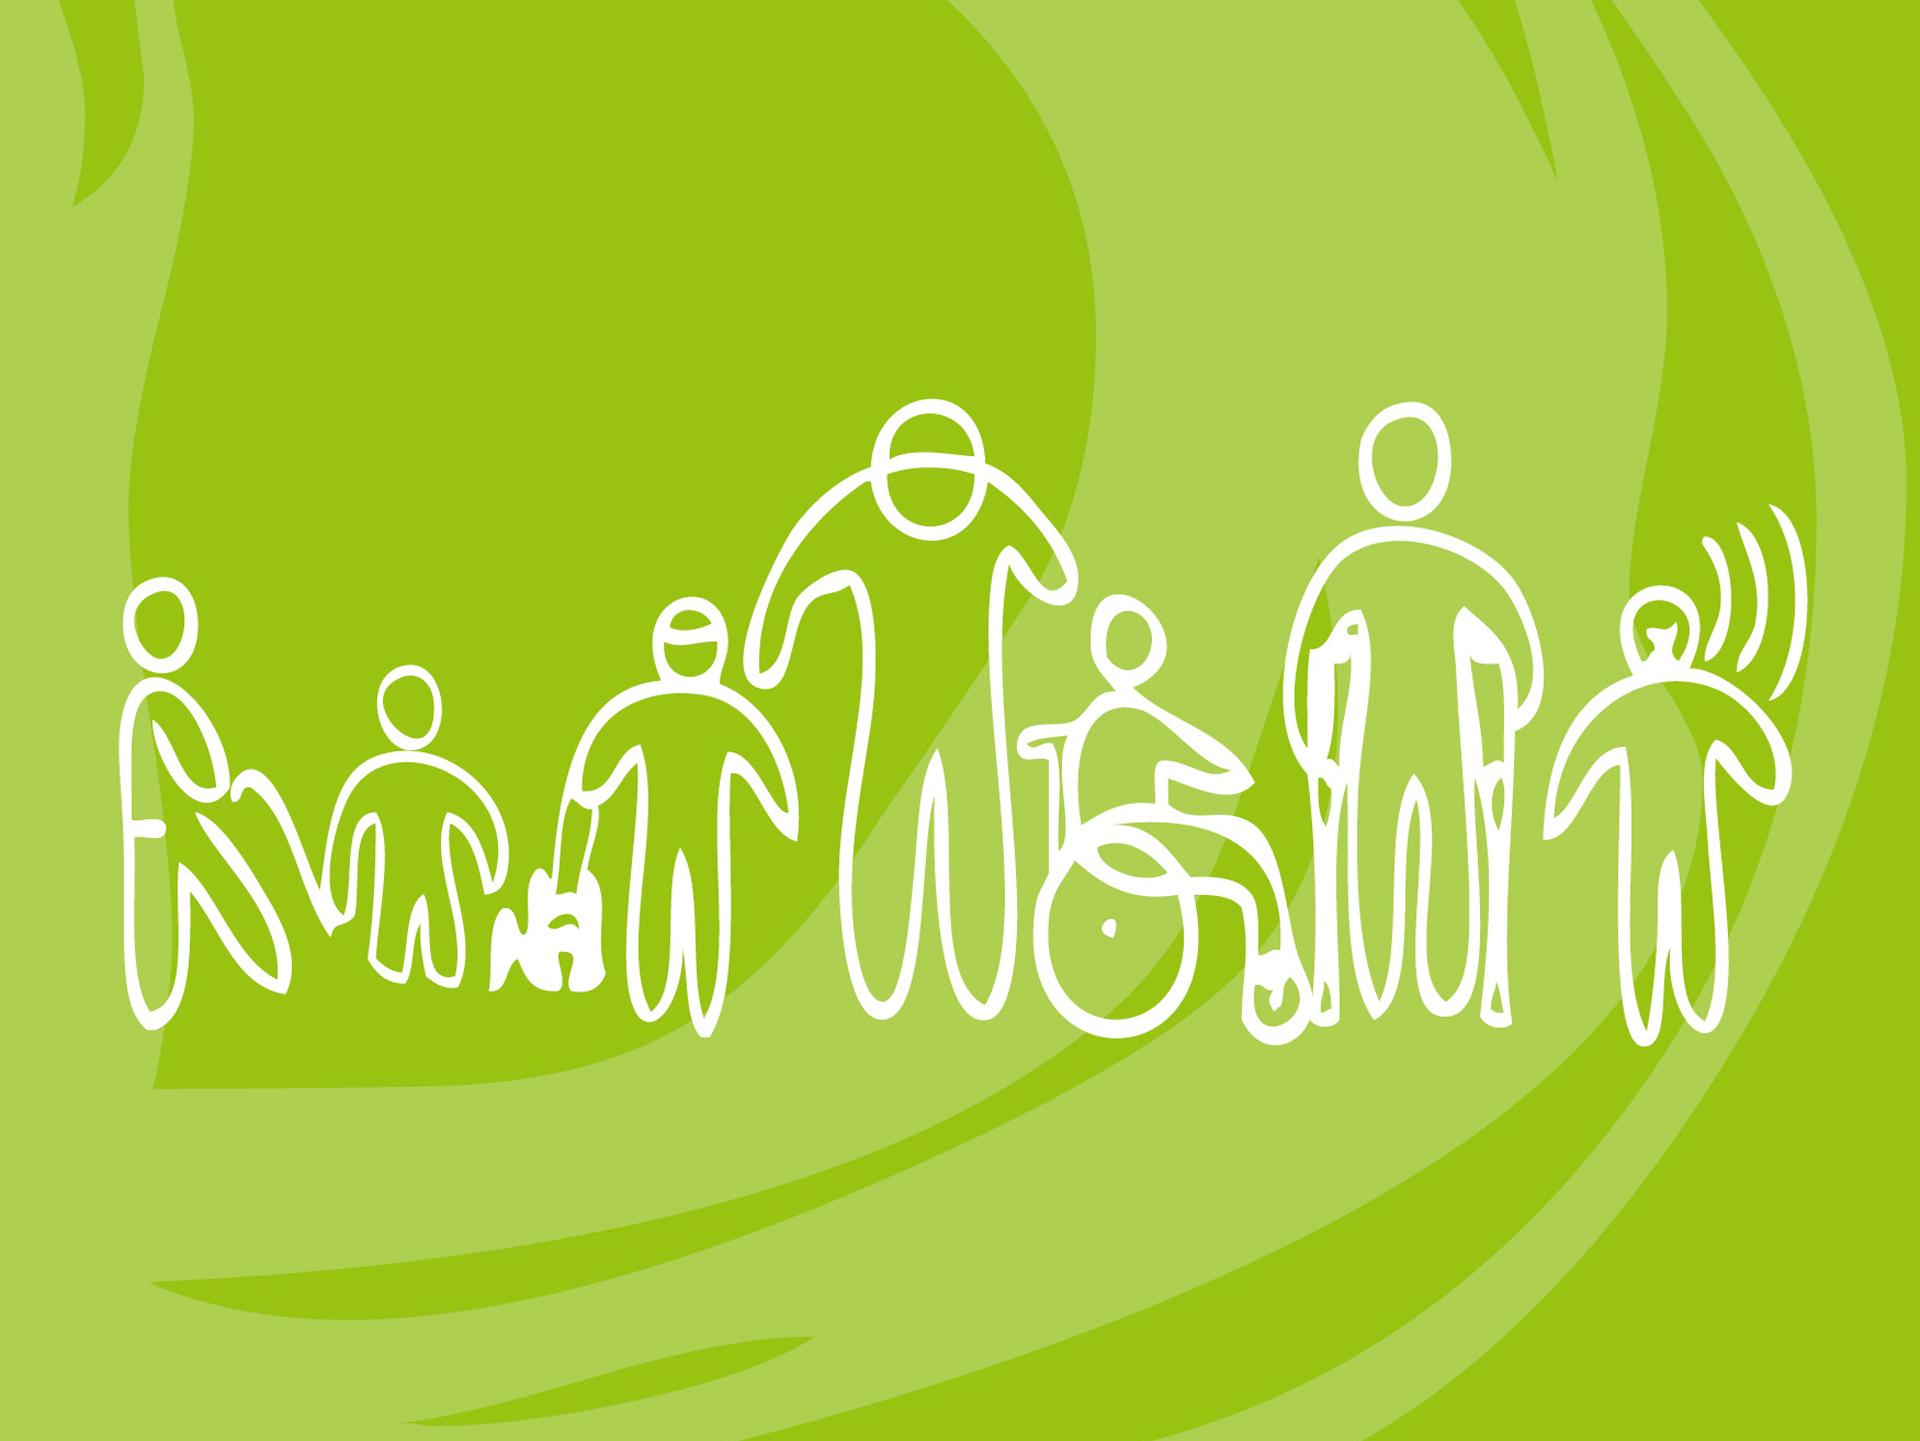 Indispal imparte talleres de sensibilización sobre la discapacidad en centros educativos